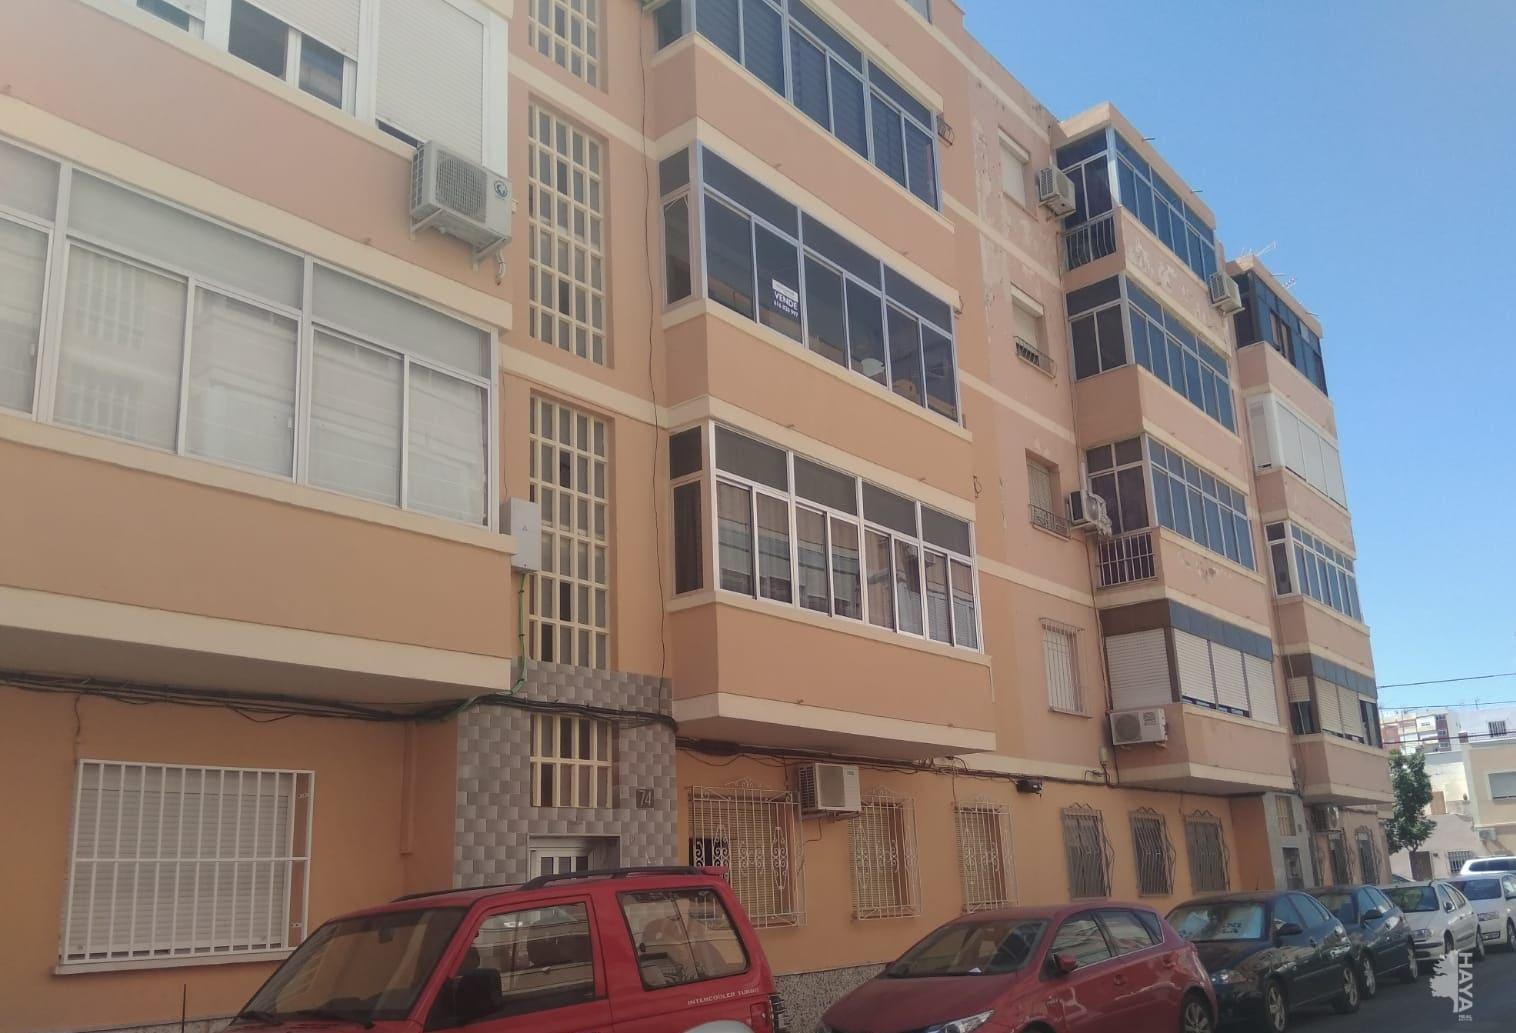 Piso en venta en Regiones Devastadas, Almería, Almería, Calle Santa Marta, 84.420 €, 3 habitaciones, 1 baño, 81 m2